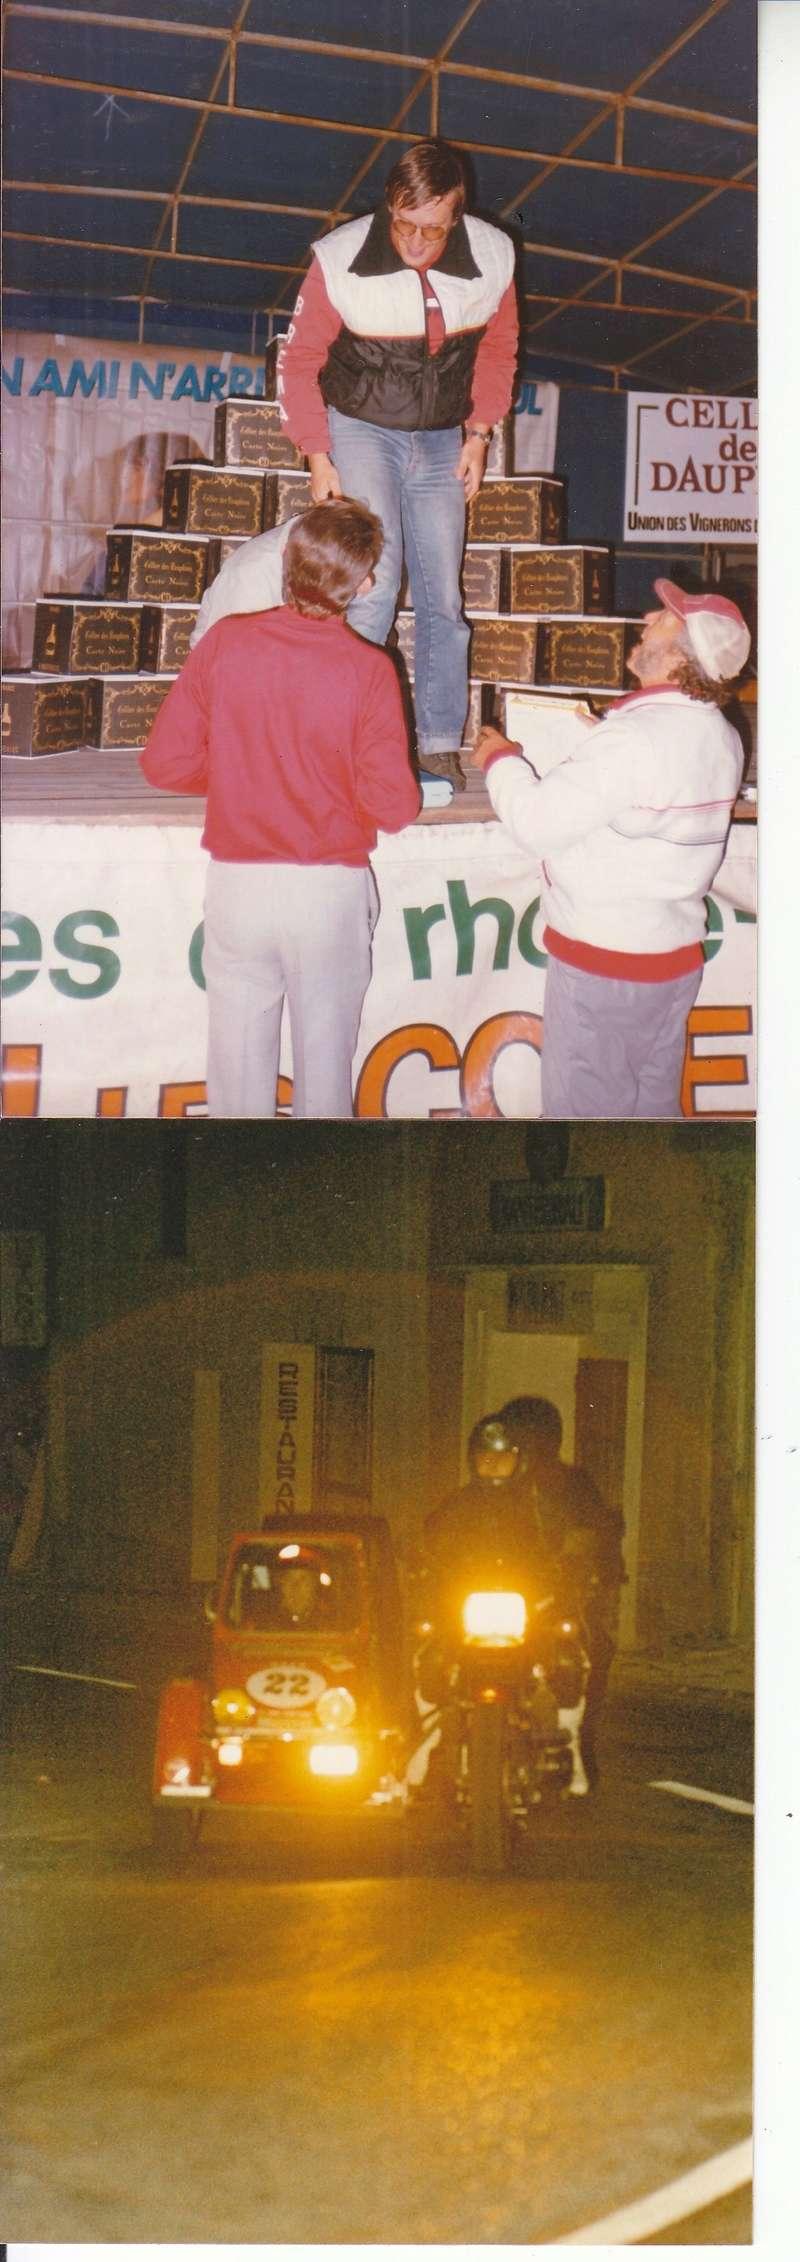 [Oldies] 1980 à 1988: Le Tour de France side-car, par Joël Enndewell  - Page 17 Sans_t69